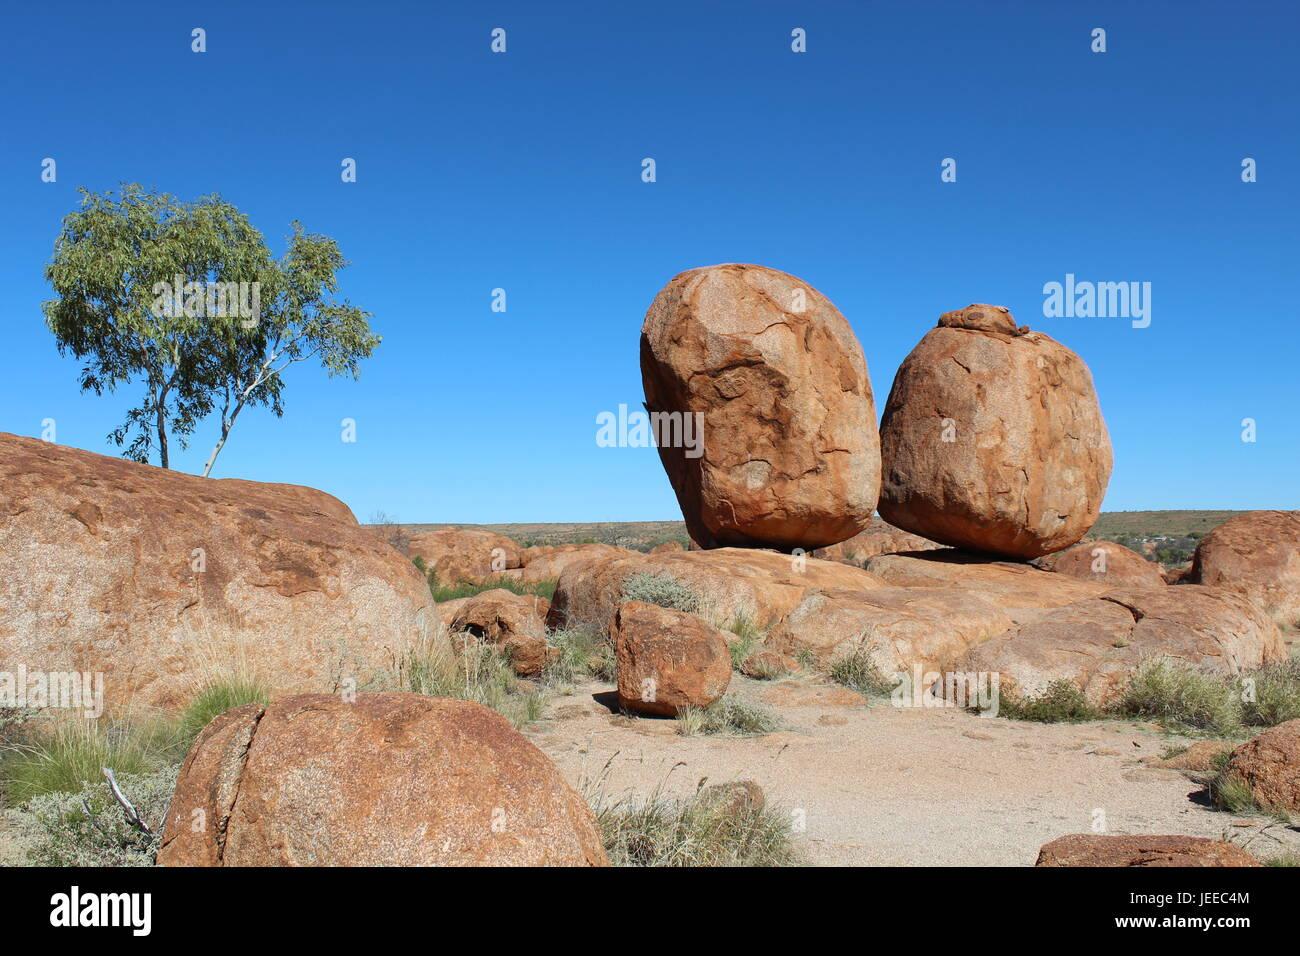 Zwei der herzliches runden Felsbrocken von den Devils Marbles im australischen outback Stockfoto